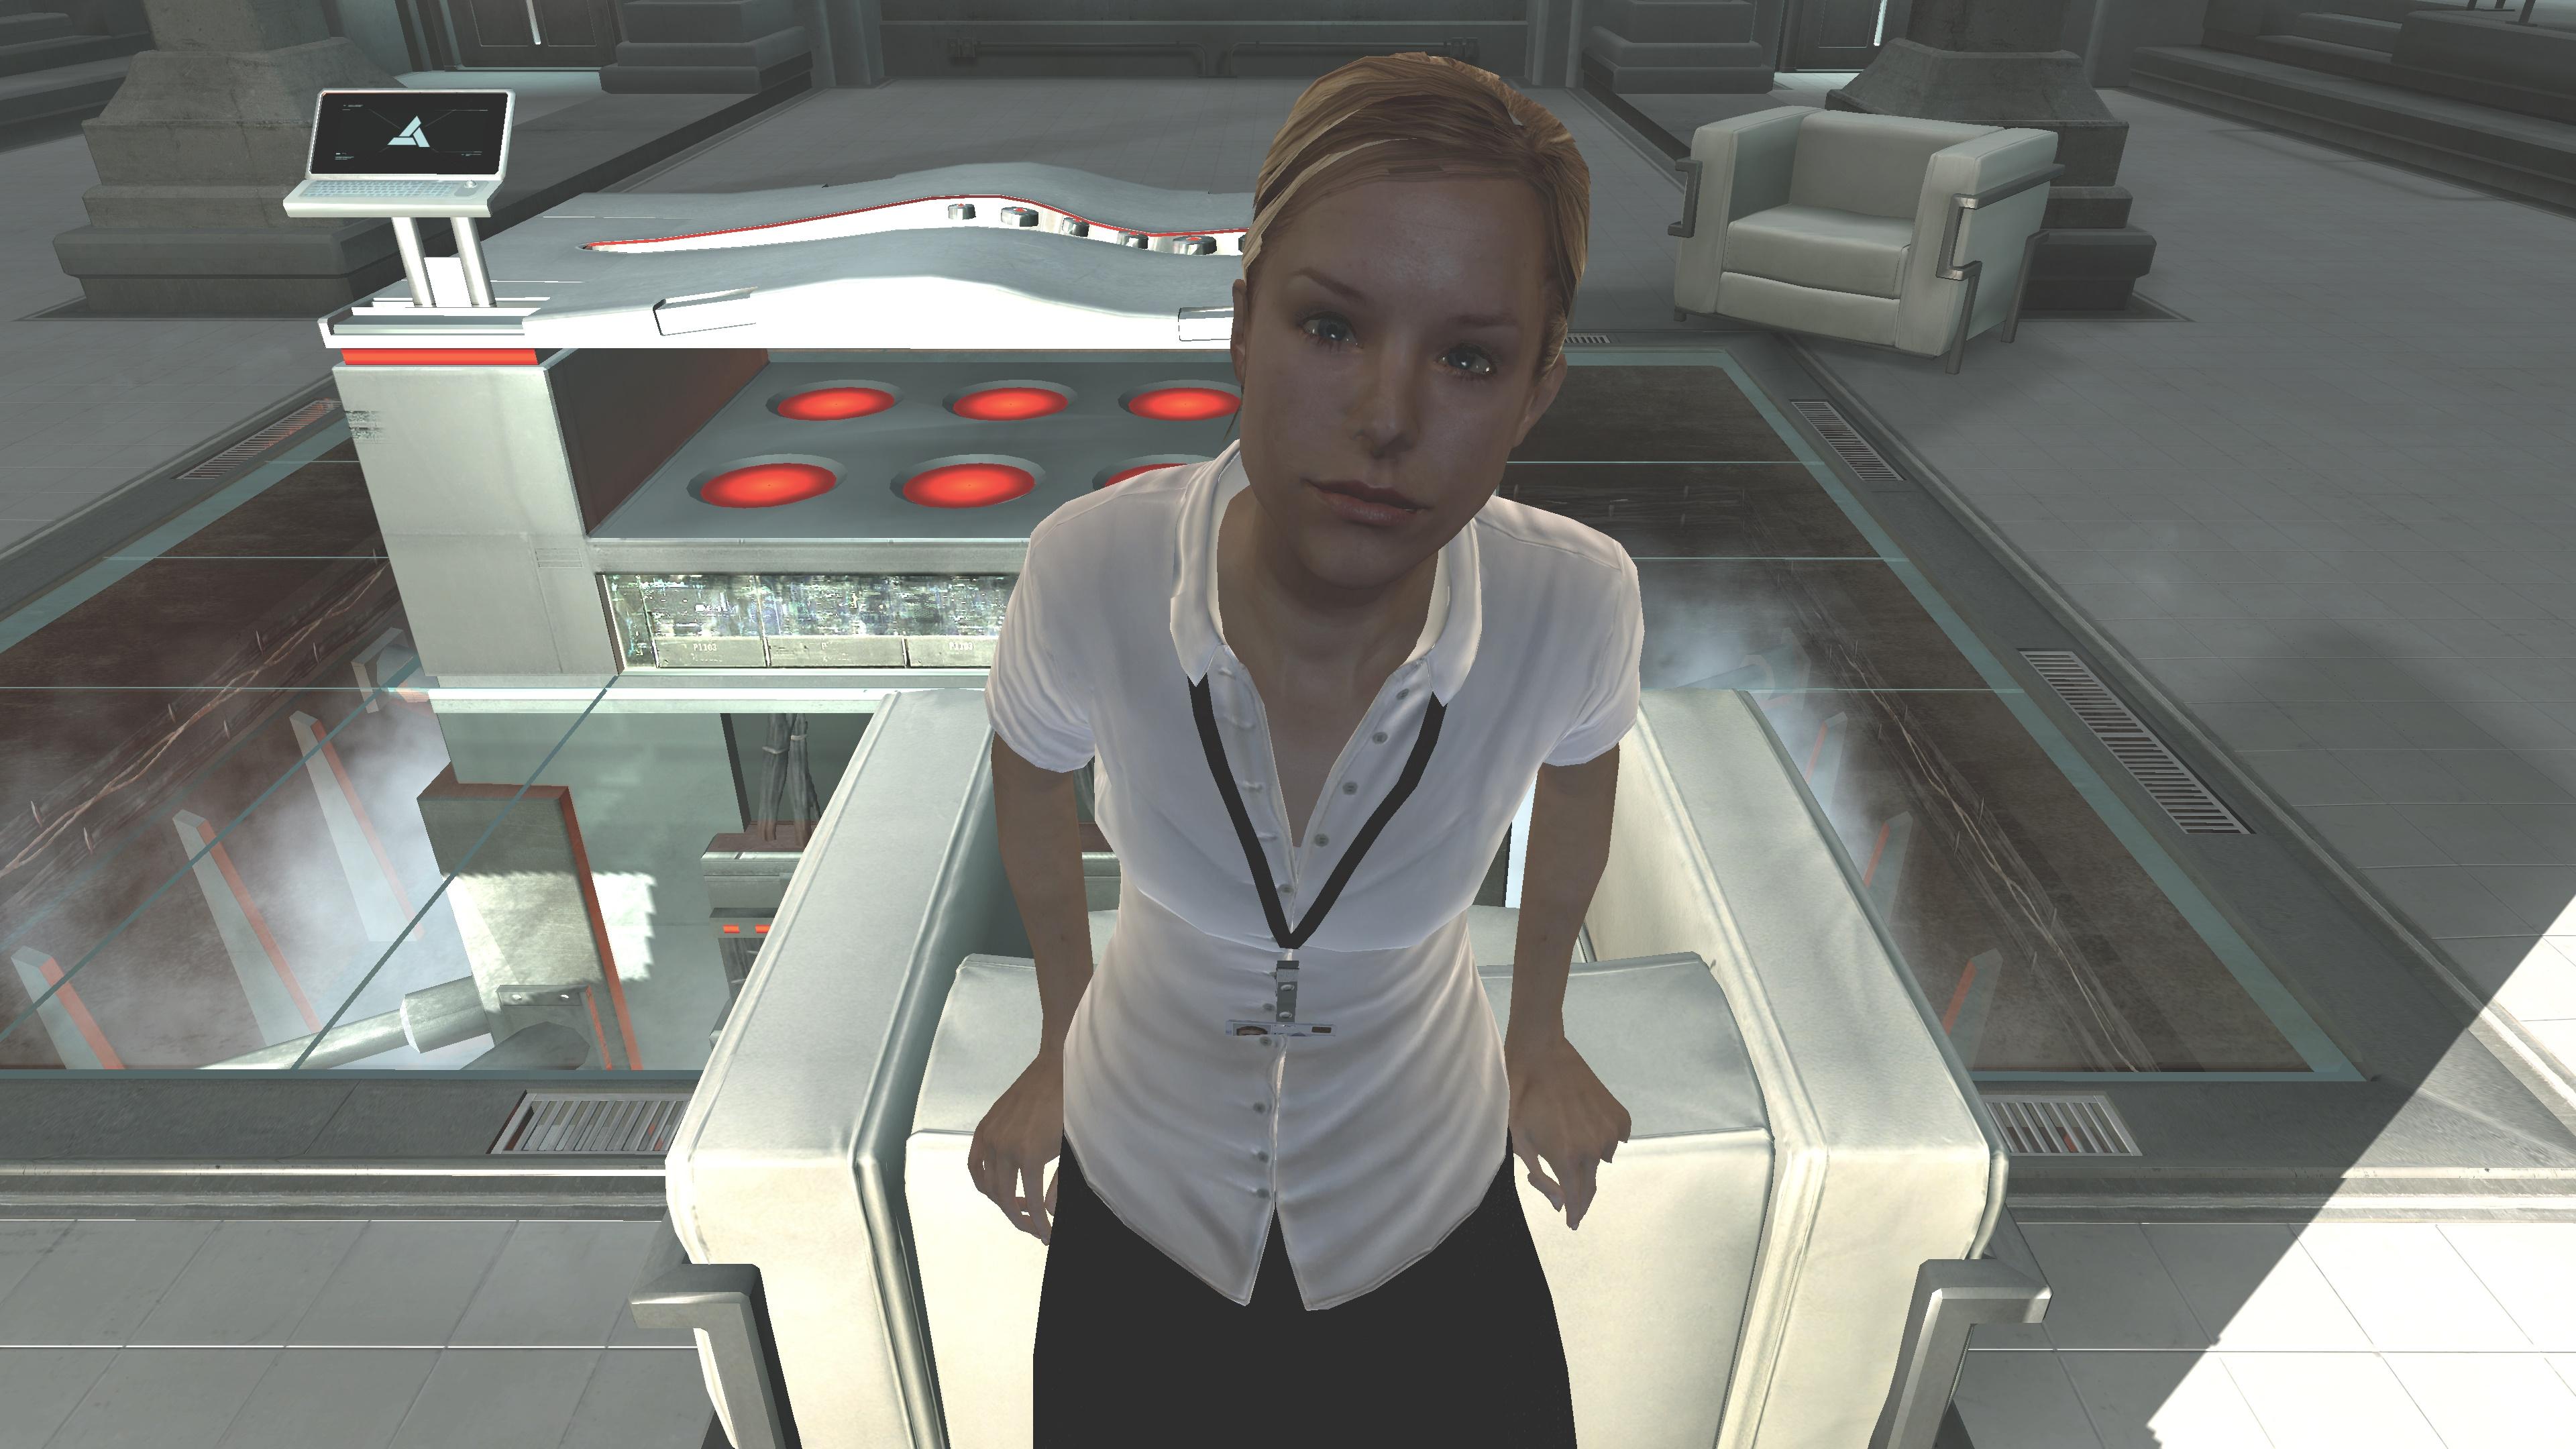 AssassinsCreed_Dx10 2020-02-11 19-32-55-966.jpg - Assassin's Creed